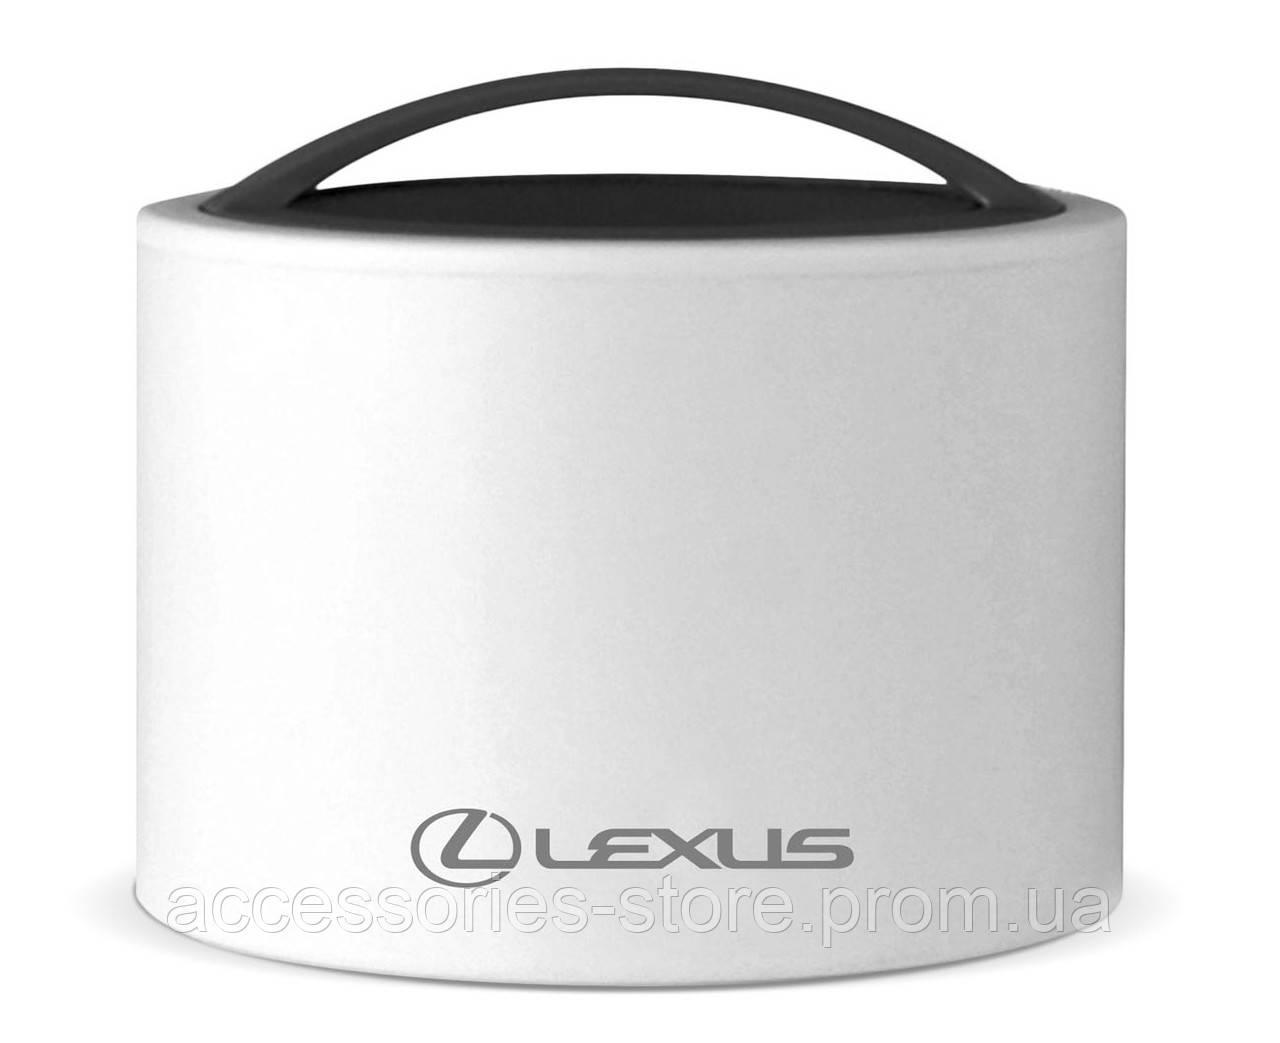 Контейнер Lexus для пищевых продуктов, Lunch Box